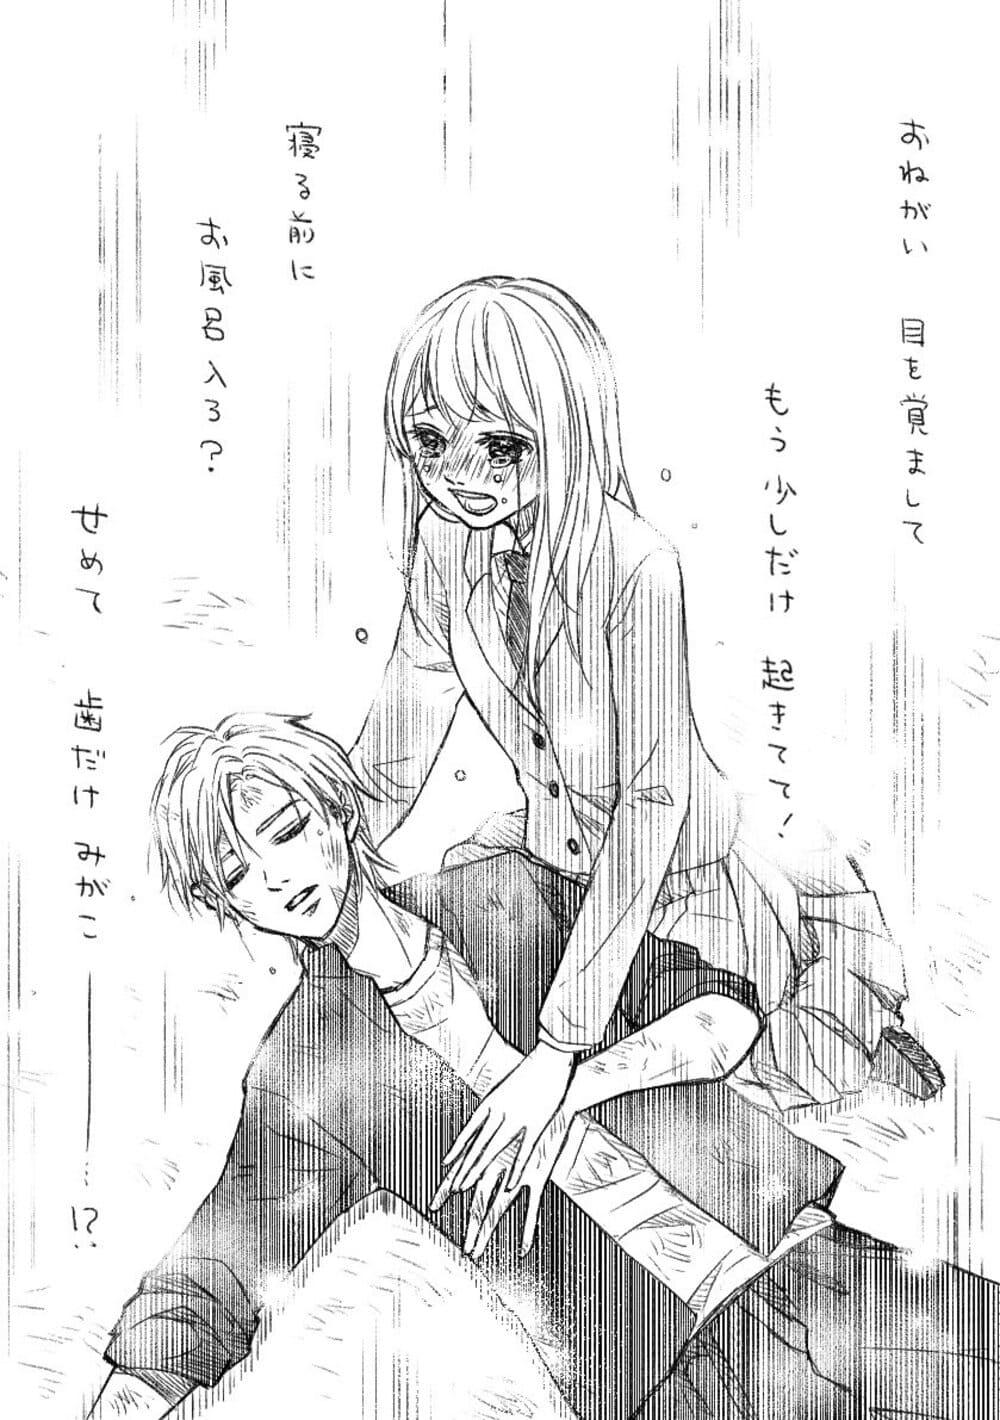 少女漫画っぽく「主婦のモヤモヤ」を紹介するイラストに死ぬほど笑った ...